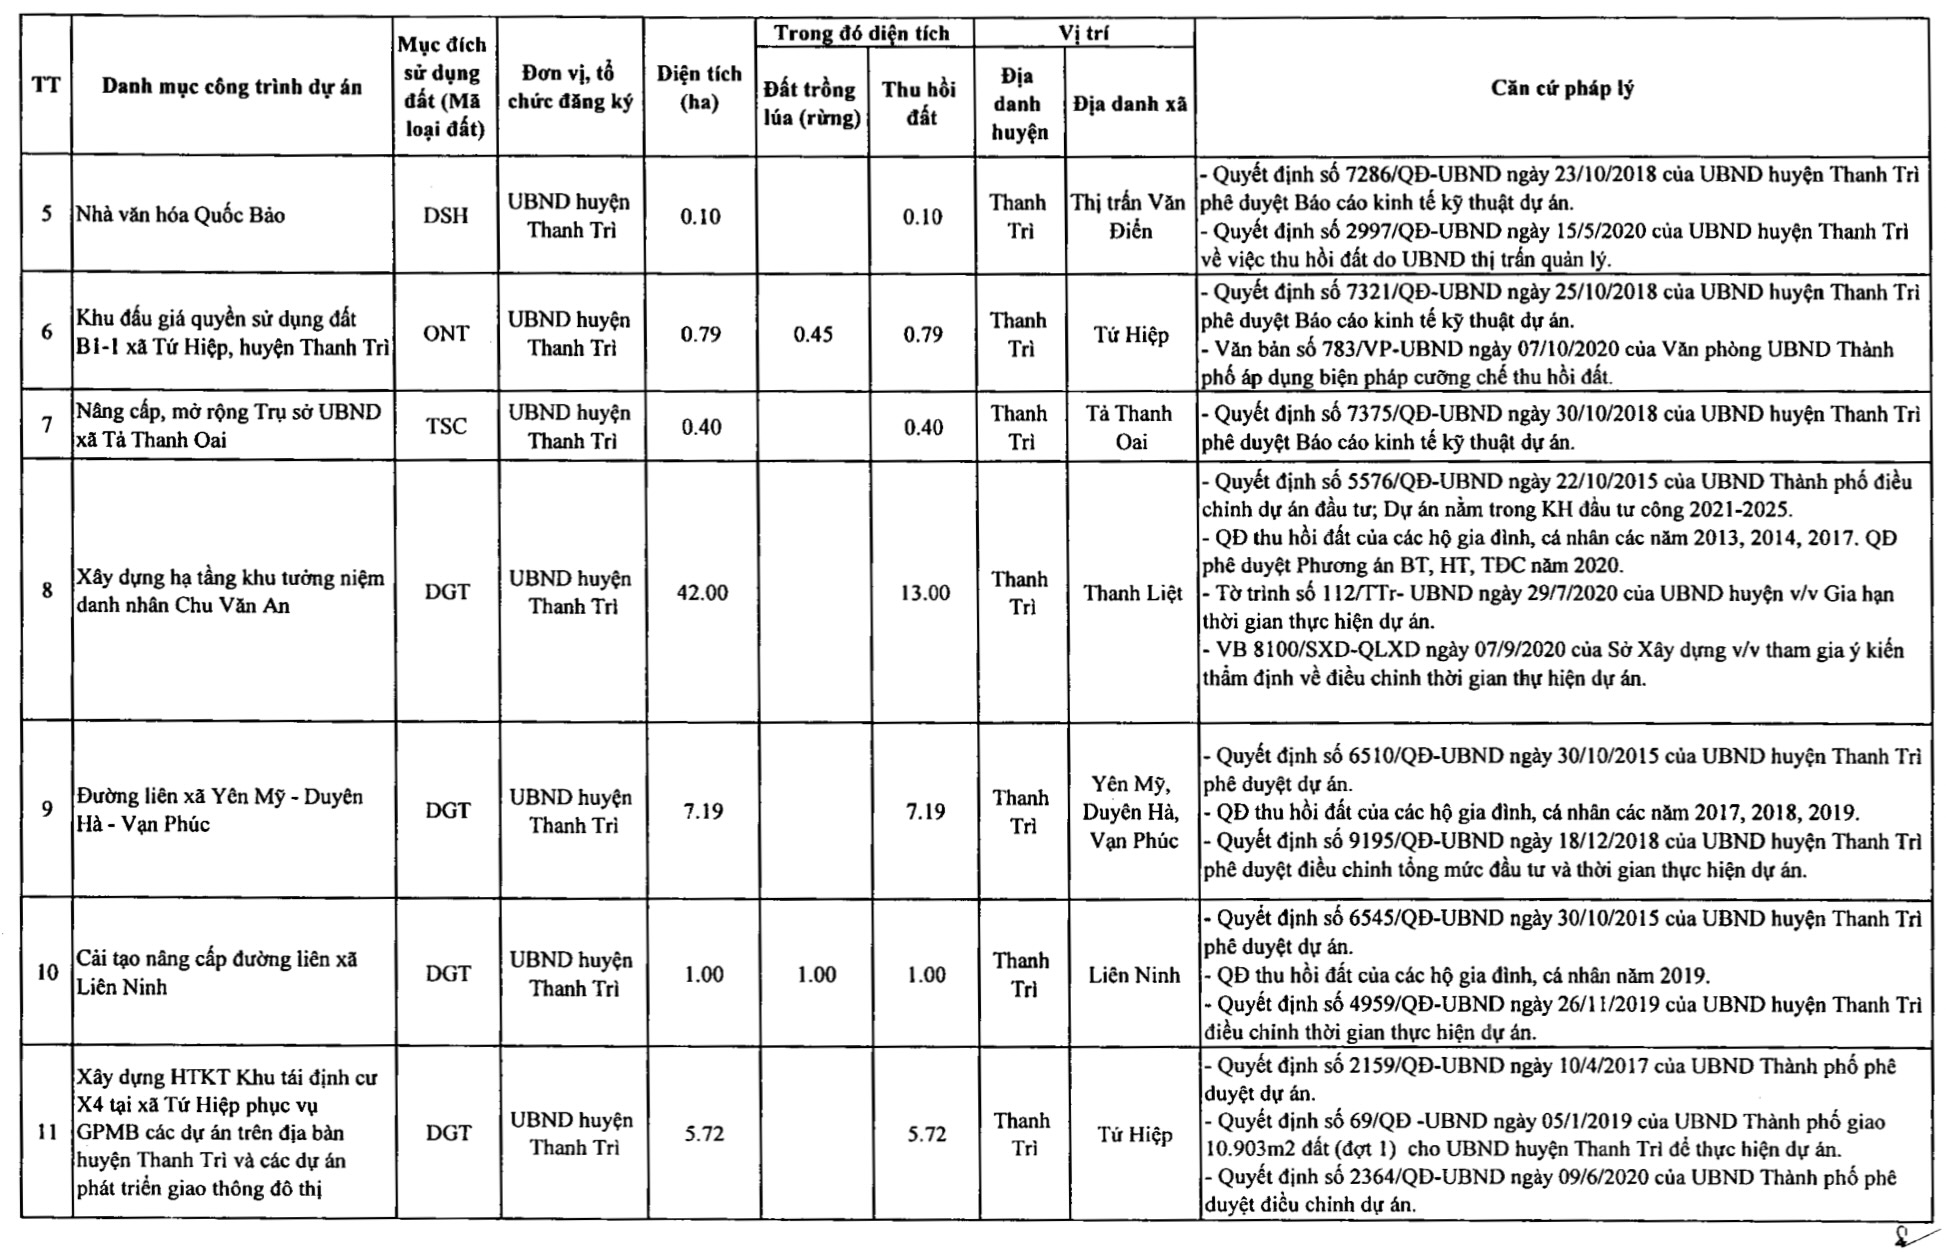 Huyện Thanh Trì sẽ thu hồi hơn 416 ha năm 2021, thực hiện nhiều dự án giao thông  - Ảnh 3.